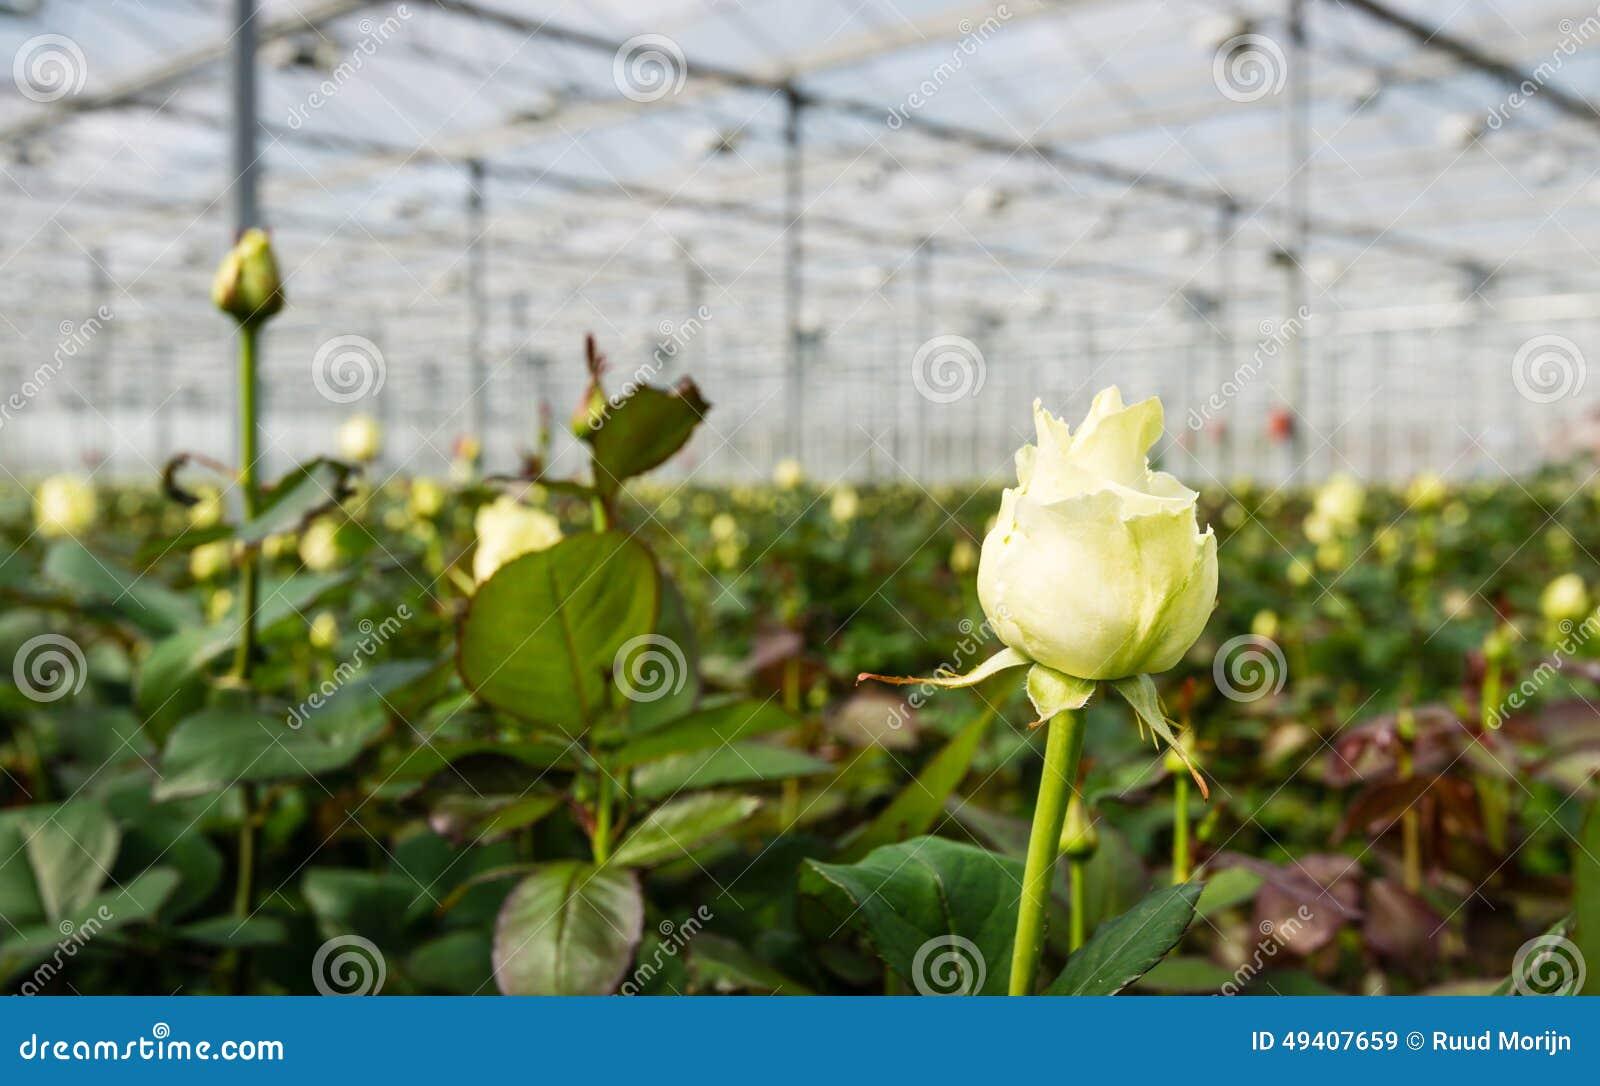 Download Weiße Blühende Rose, Die In Einem Gewächshaus Wächst Stockbild - Bild von sahnig, kopf: 49407659